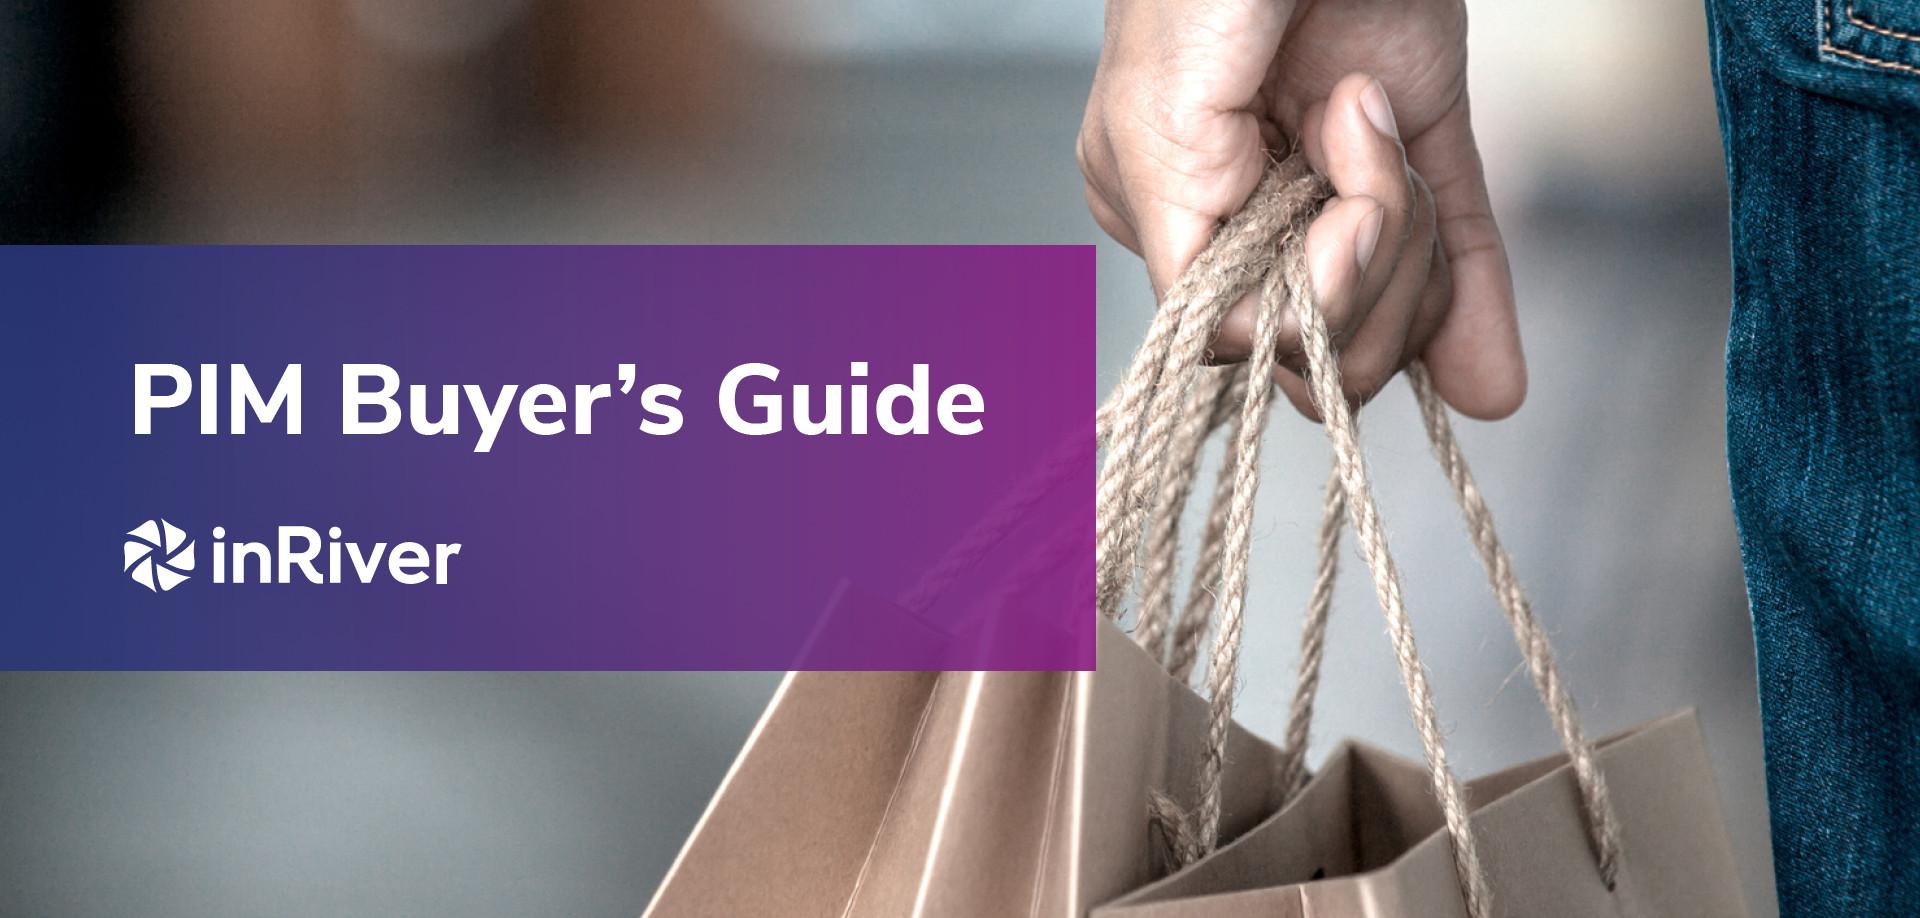 PIM-Buyers-Guide-v03.jpg